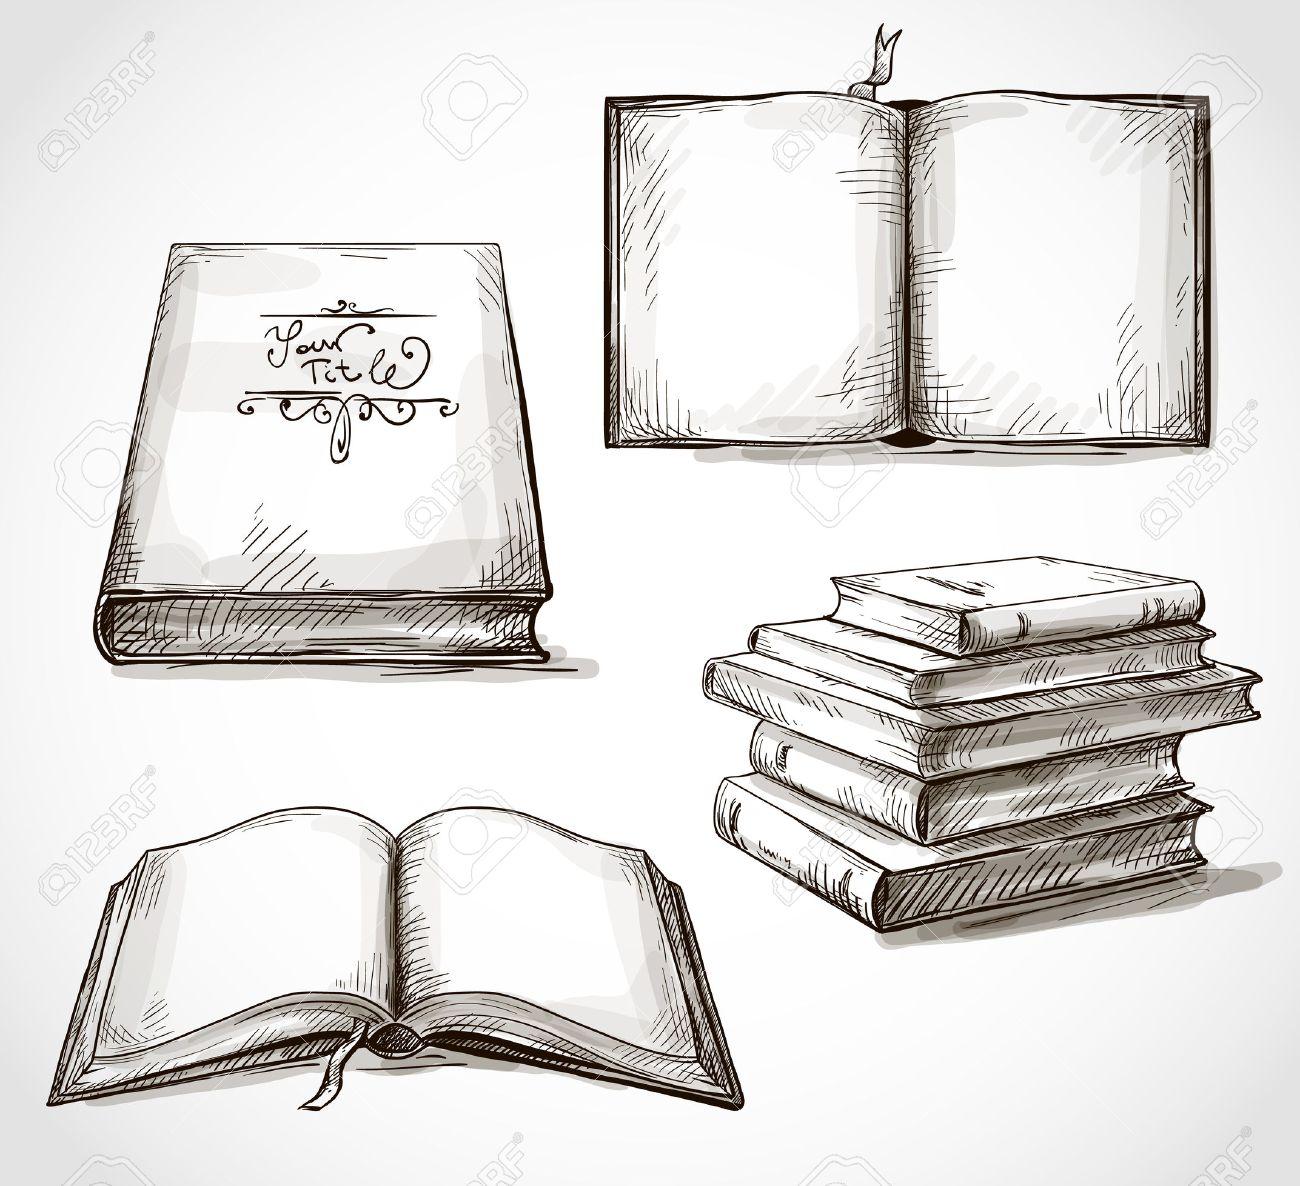 Bücherstapel gezeichnet  Reihe Von Alten Zeichnungen Bücher Stapel Bücher Offenes Buch ...